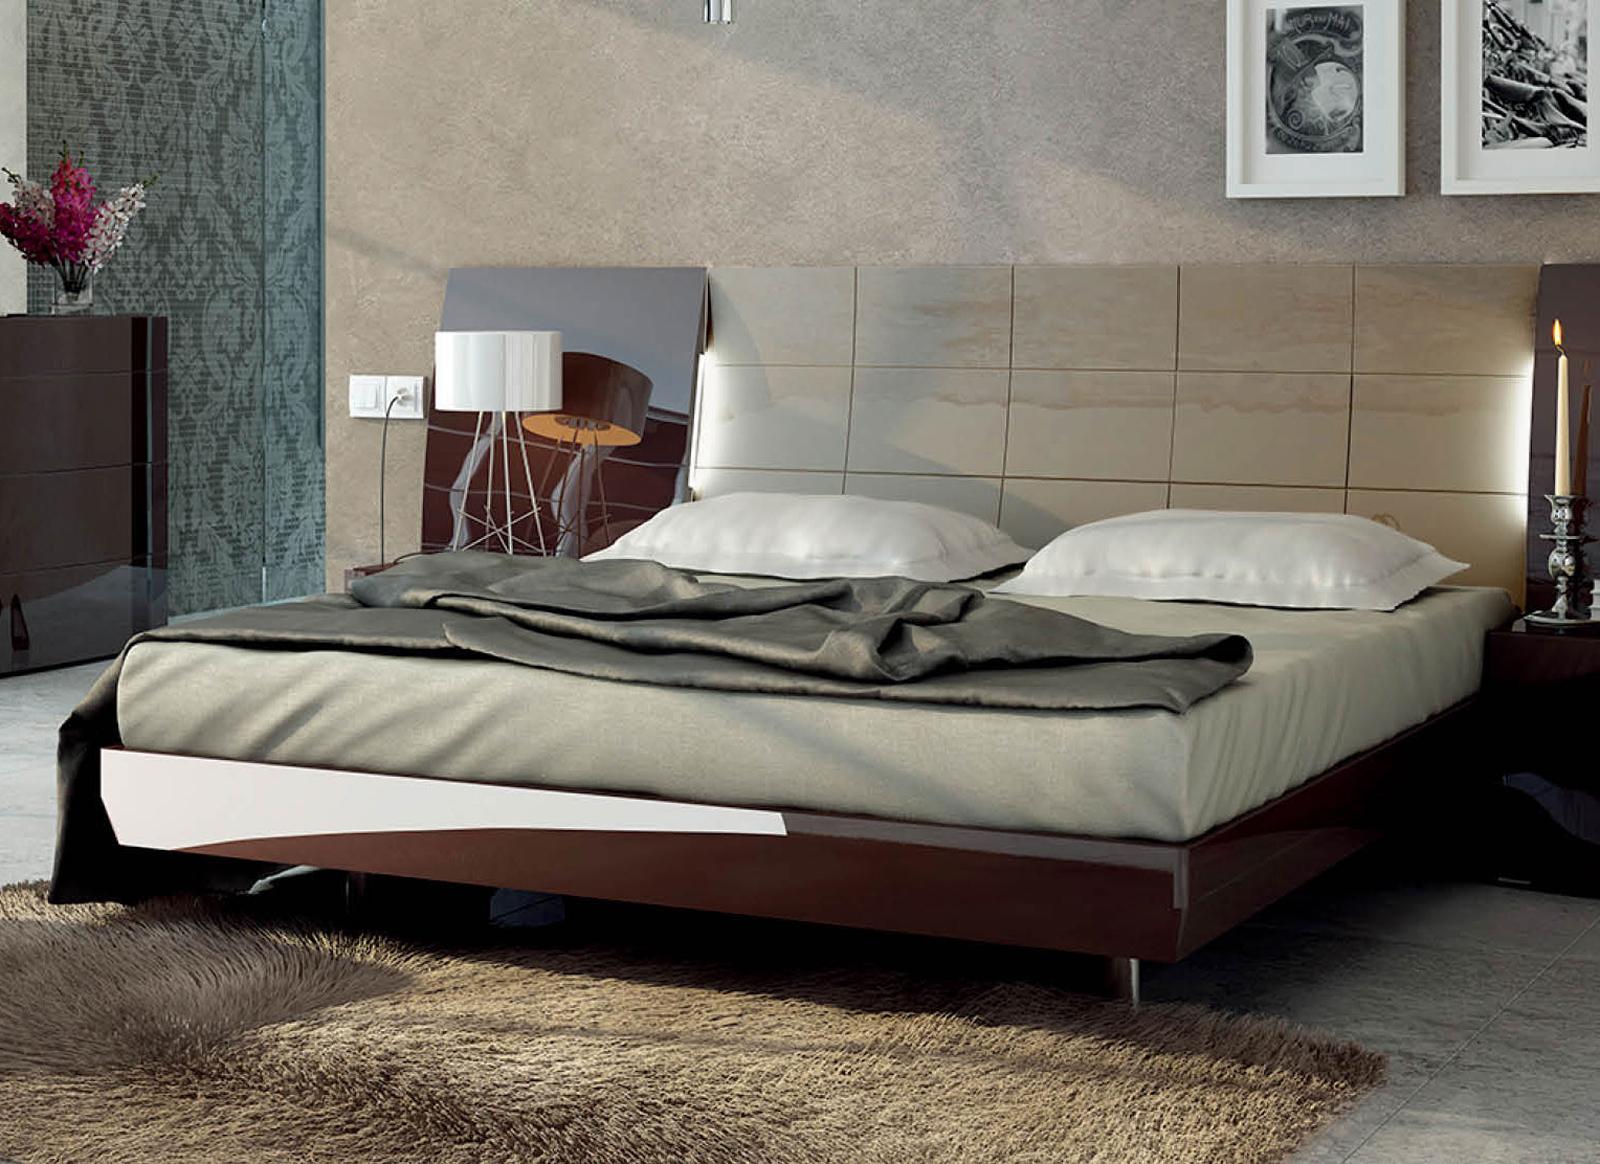 ESF ESF Furniture Barcelona King Platform With Storage Bed